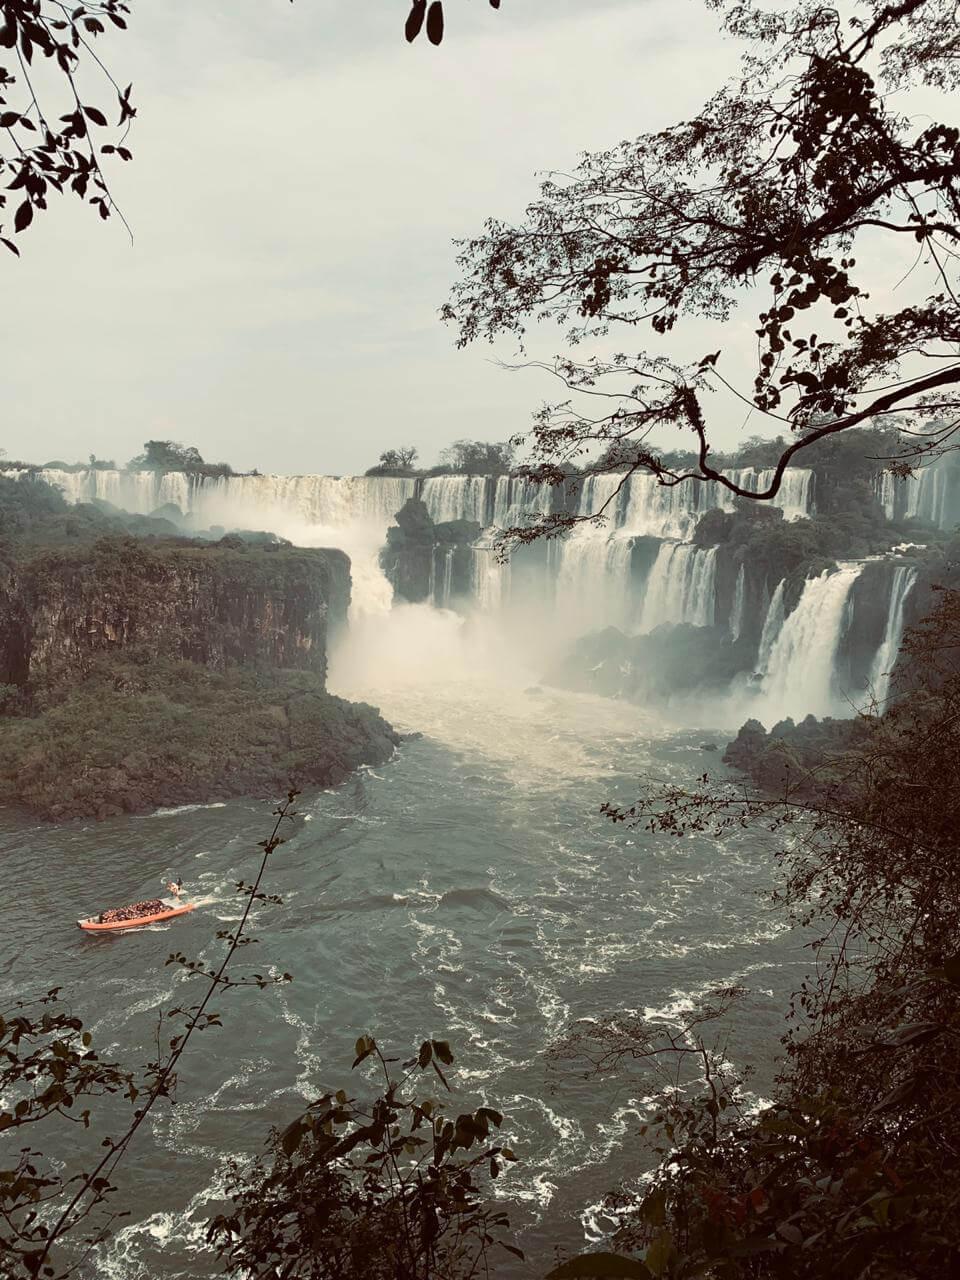 Cataratas de Foz do Iguaçu e barco passando.